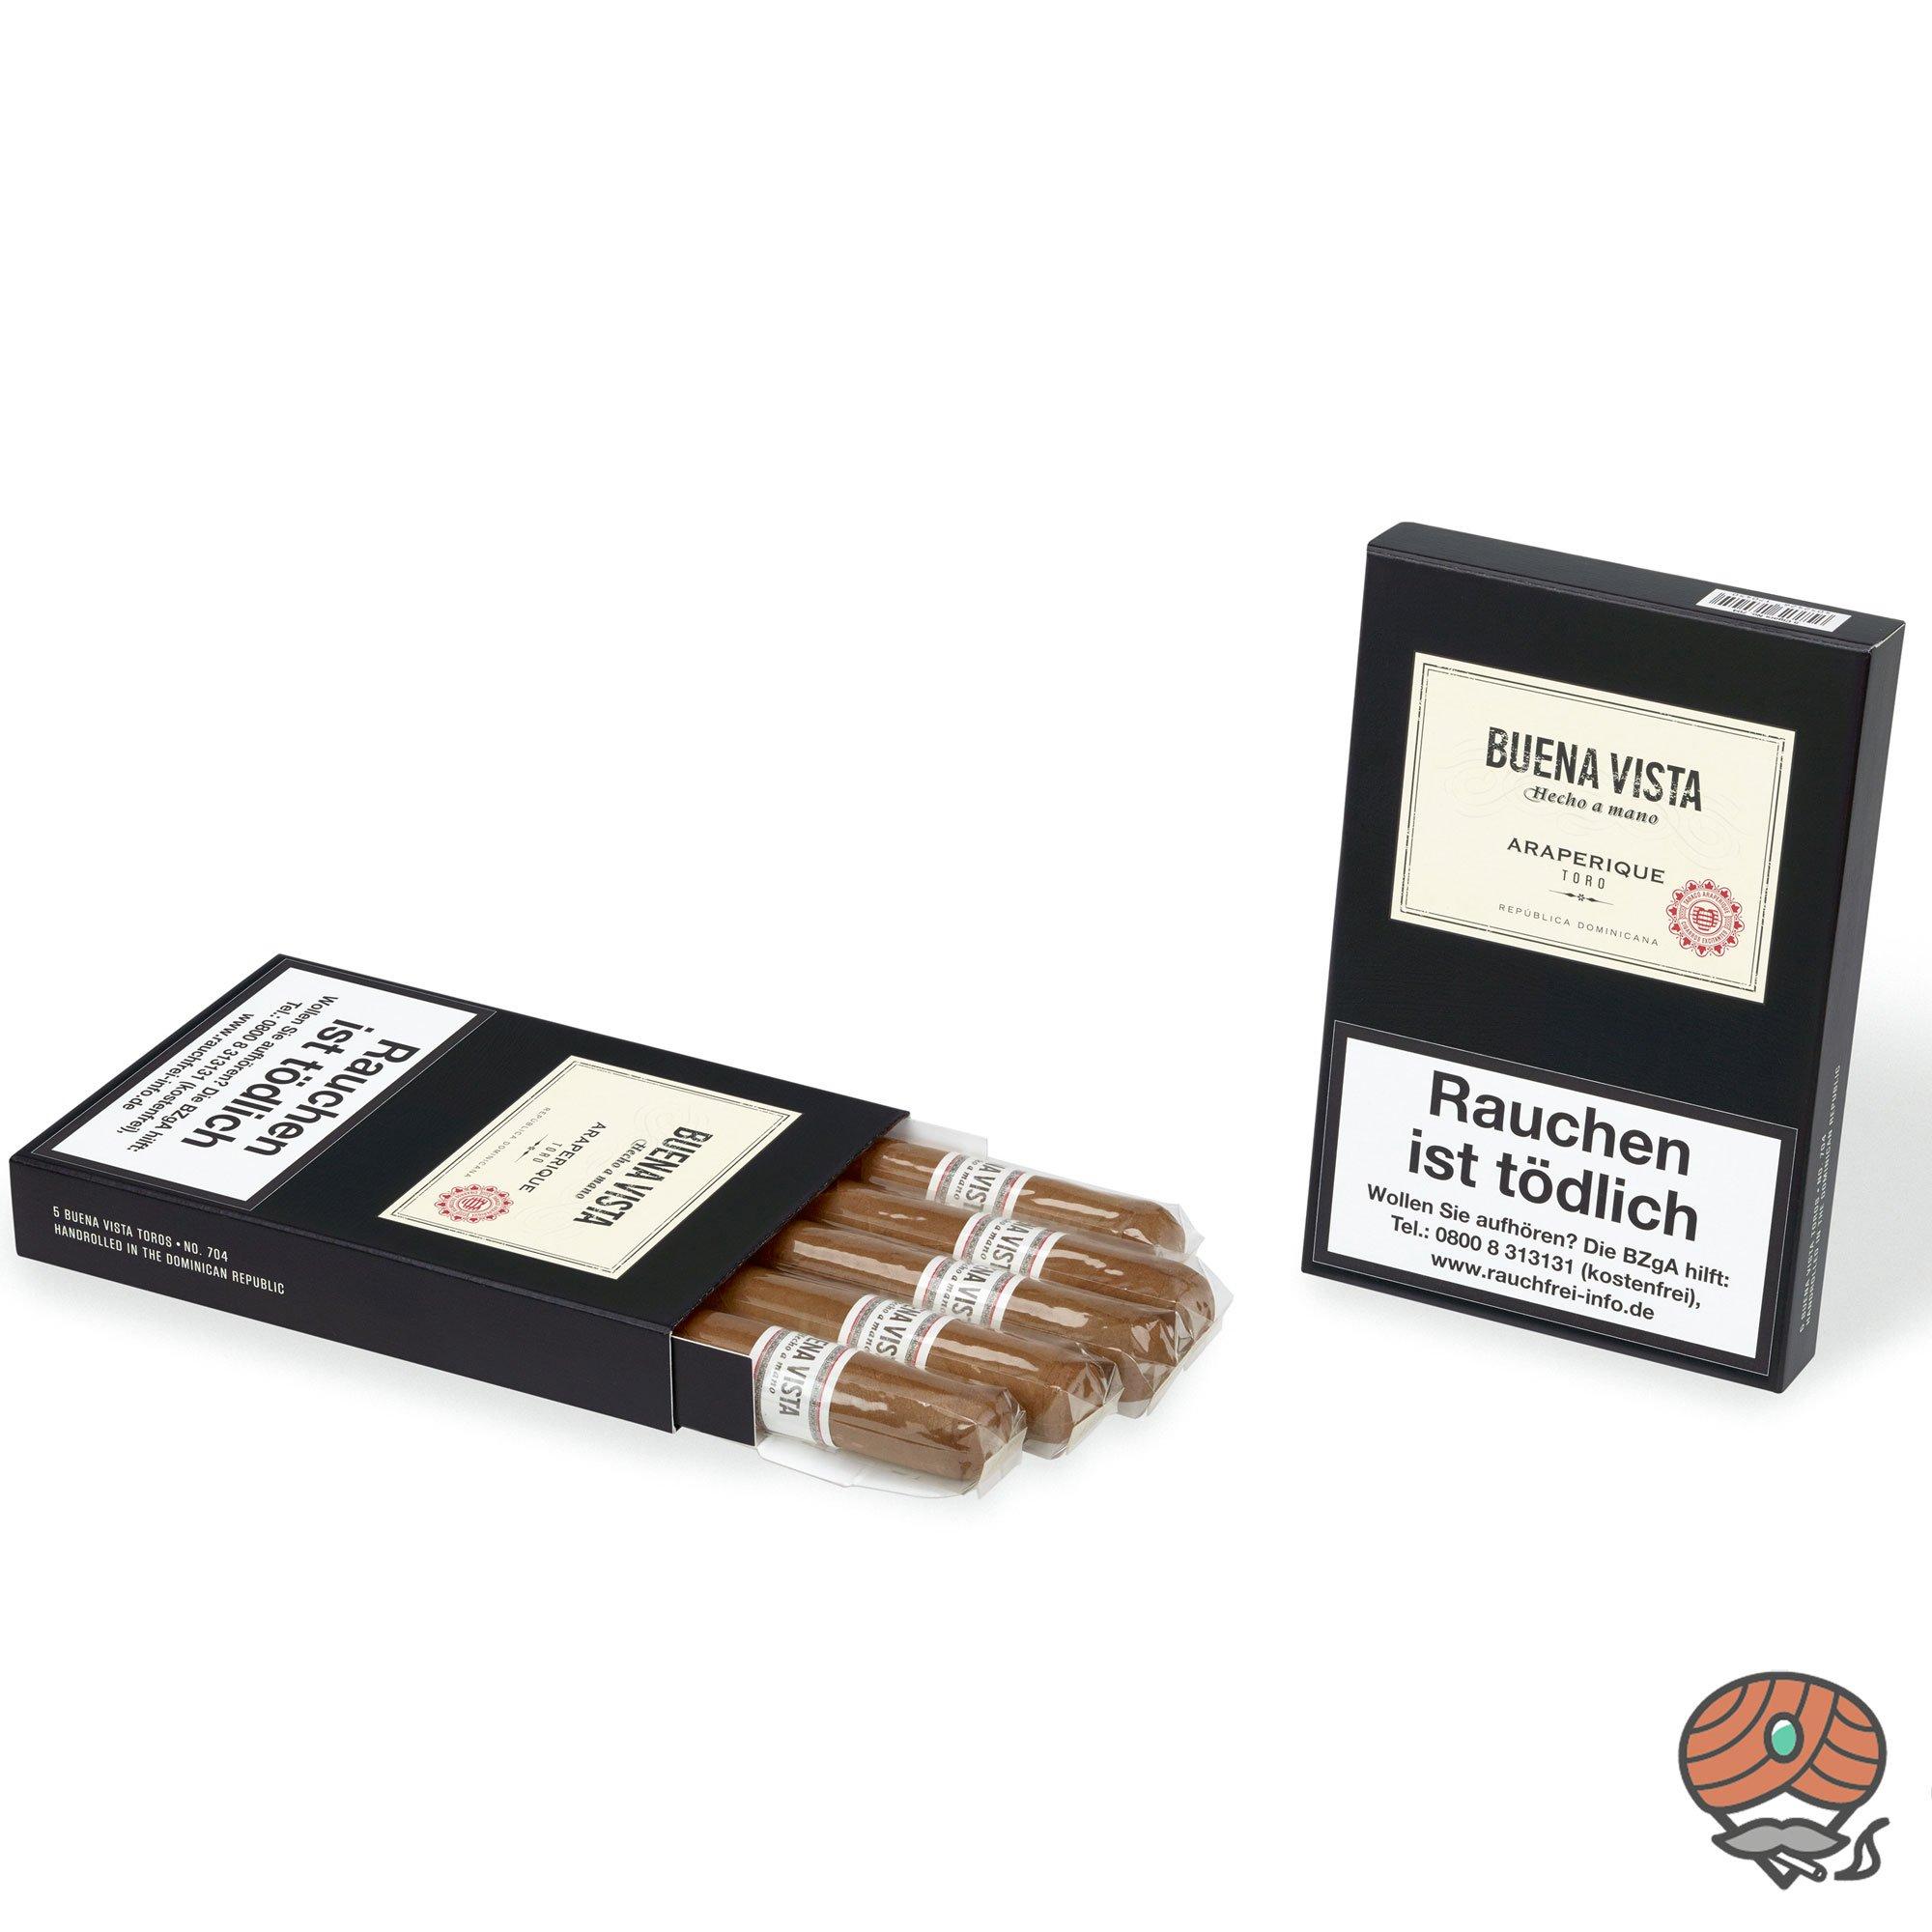 Buena Vista Araperique Toro Zigarre Dominikanische Republik  5er Pack